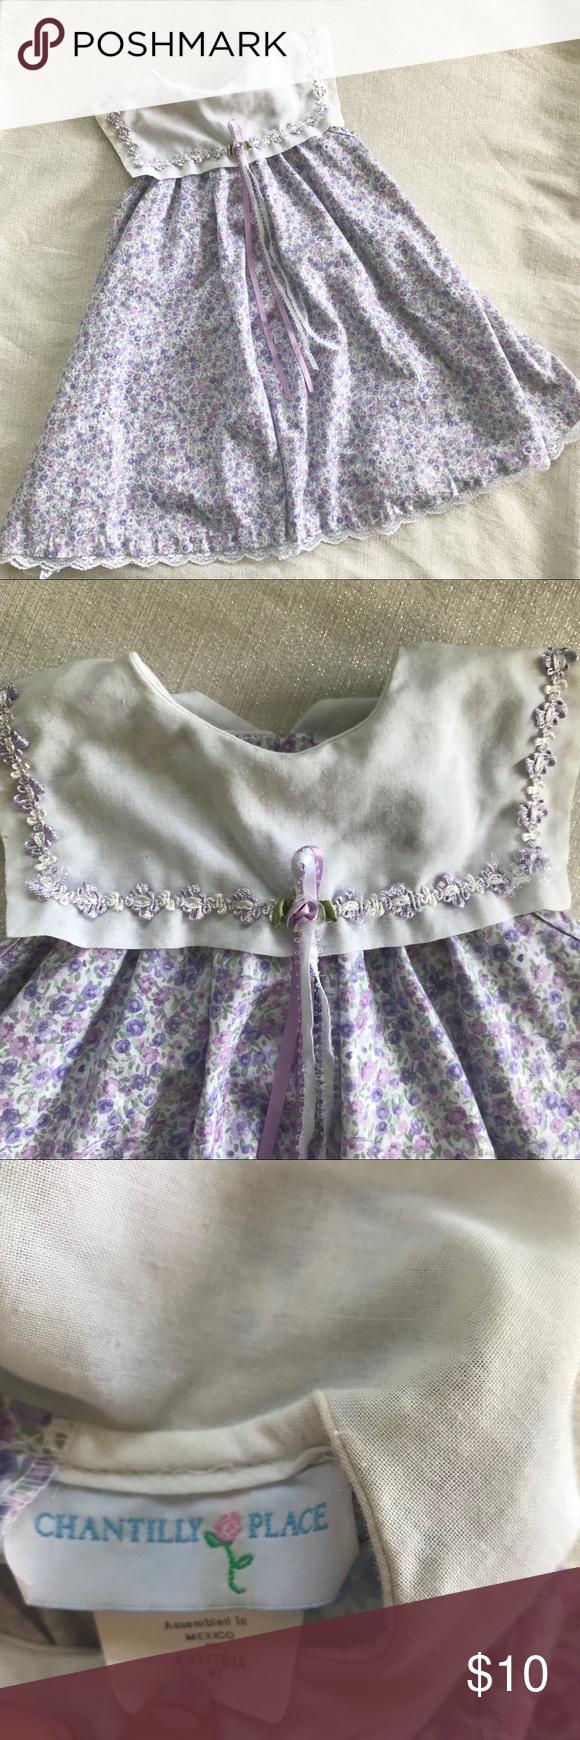 Vintage Purple Floral Dress 4t Chantilly Place Vintage Little Girl Dress Purple Floral Print Babydoll Styl Purple Floral Dress Purple Girls Dress Floral Dress [ 1740 x 580 Pixel ]